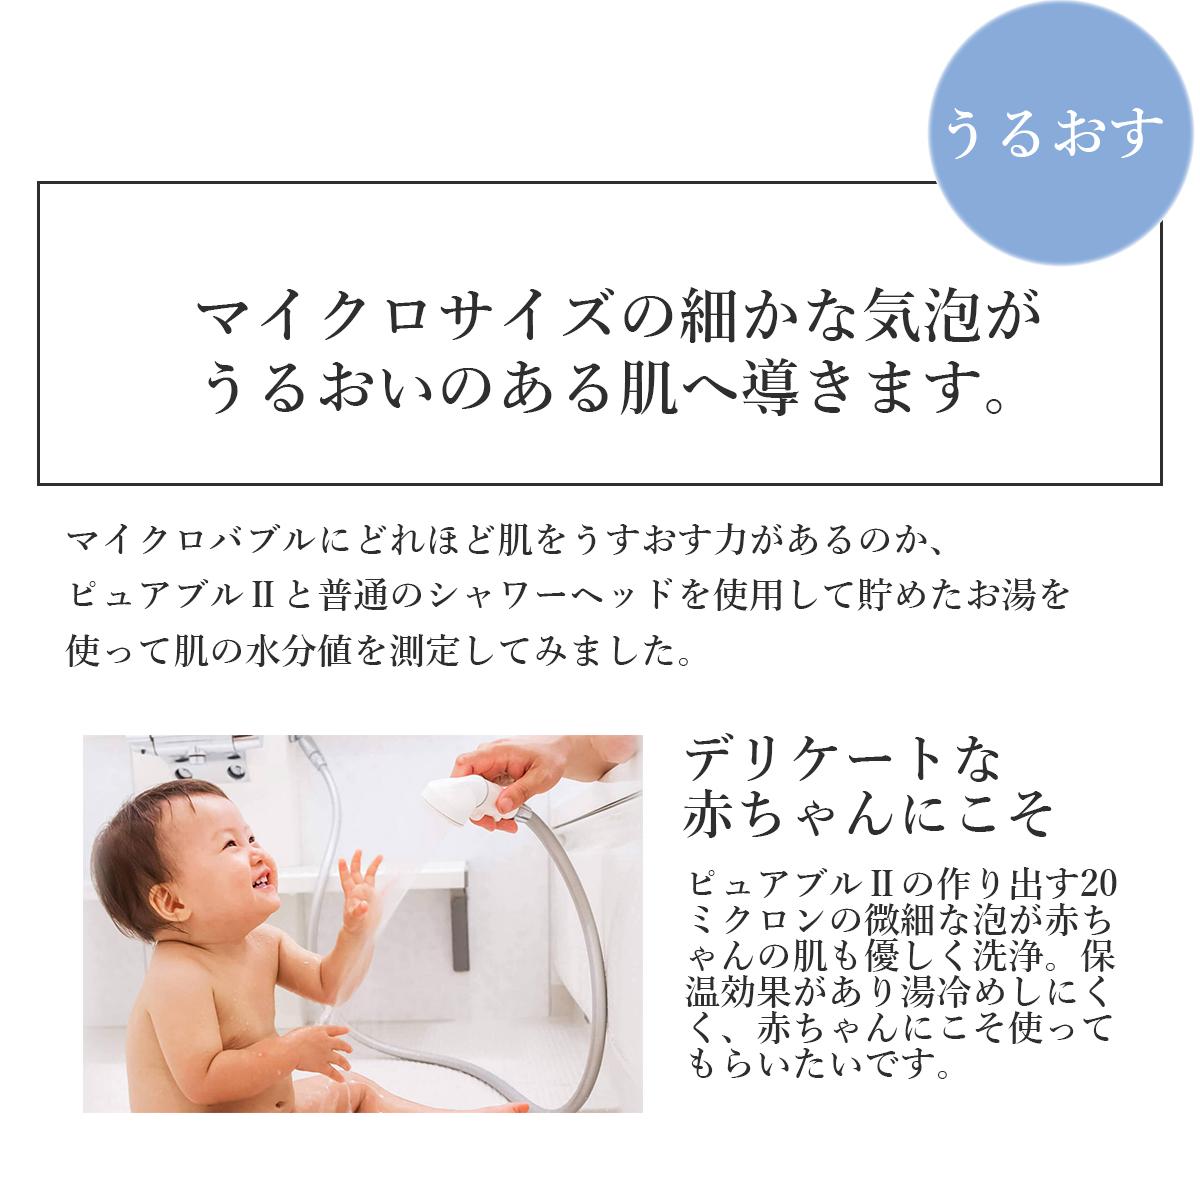 【1年保証付き】マイクロバブル シャワーヘッド ピュアブル2